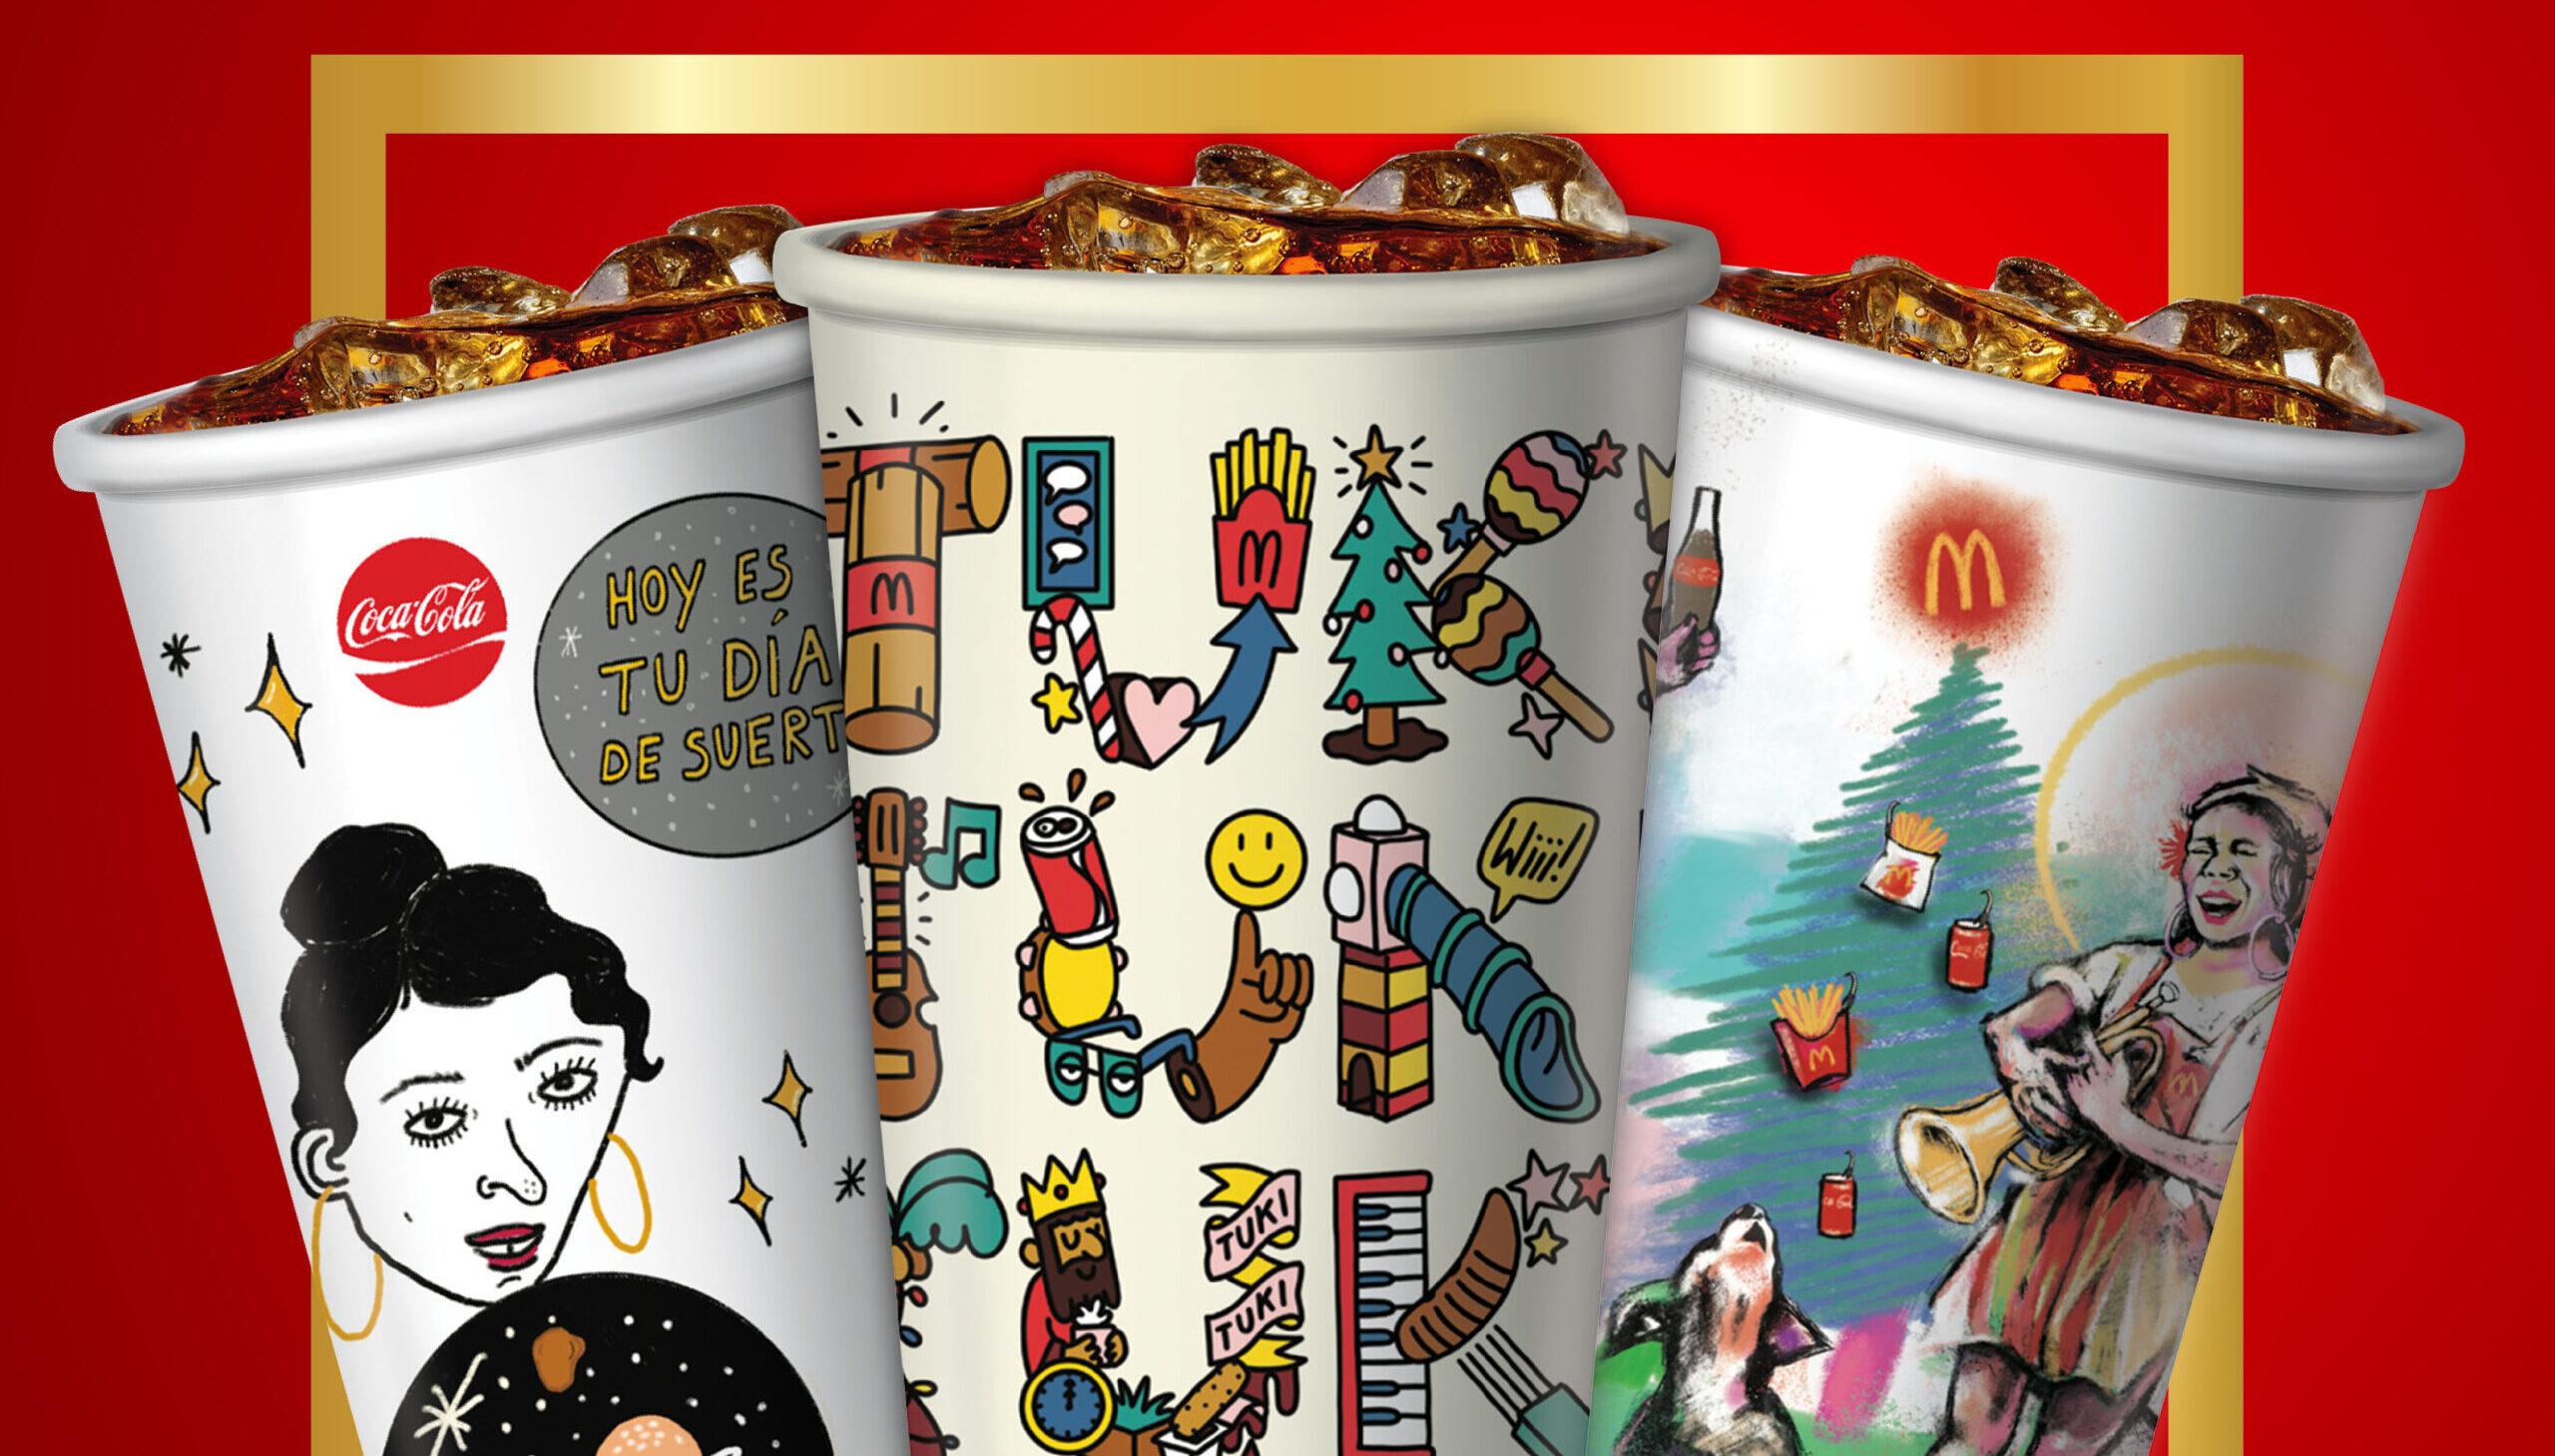 [Puerto Rico] McDonald's celebra el arte puertorriqueño en su colección de vasos de Navidad